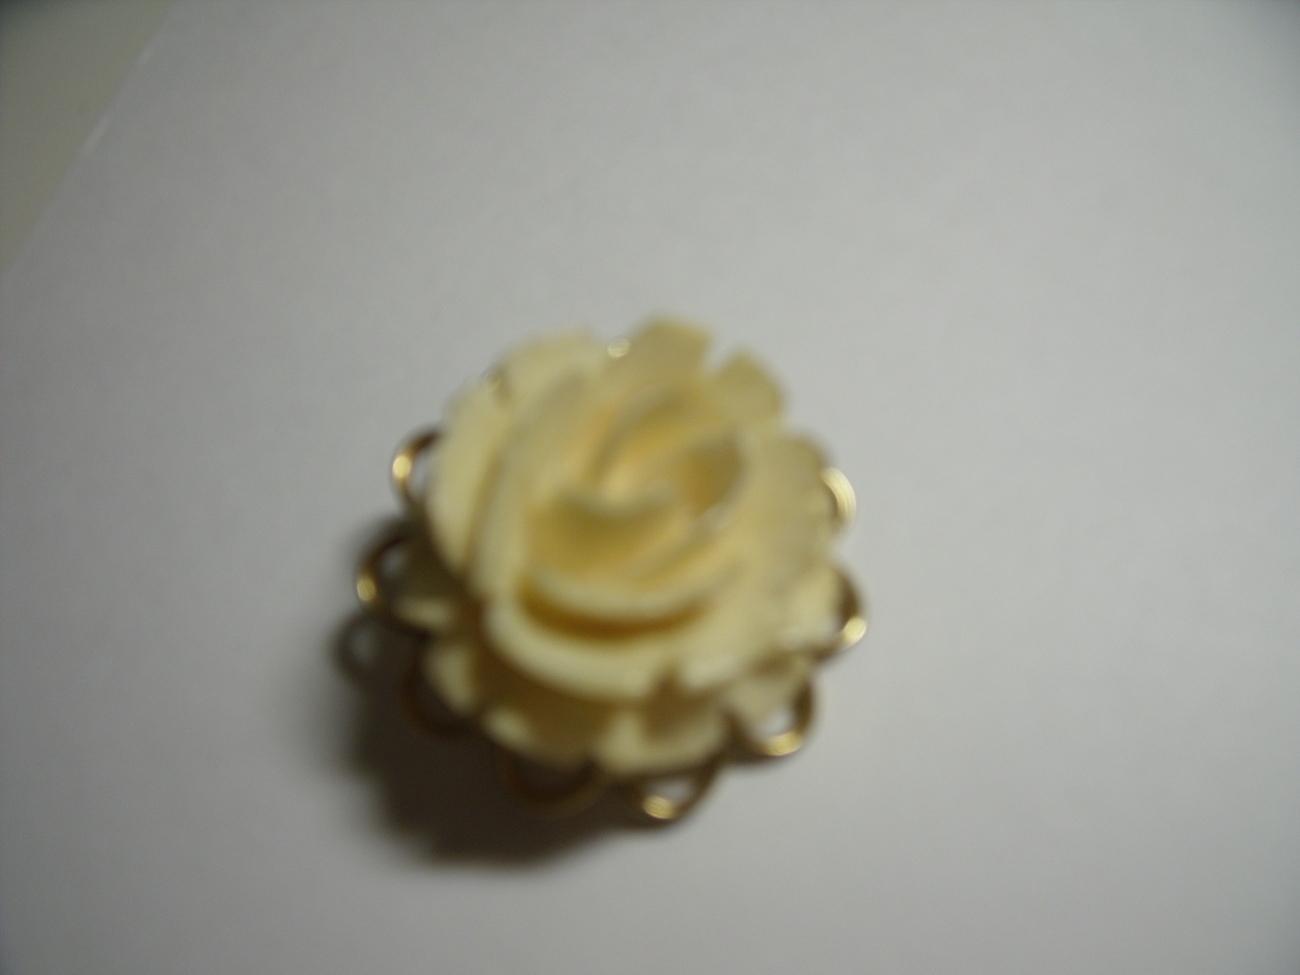 Pin w wh rose